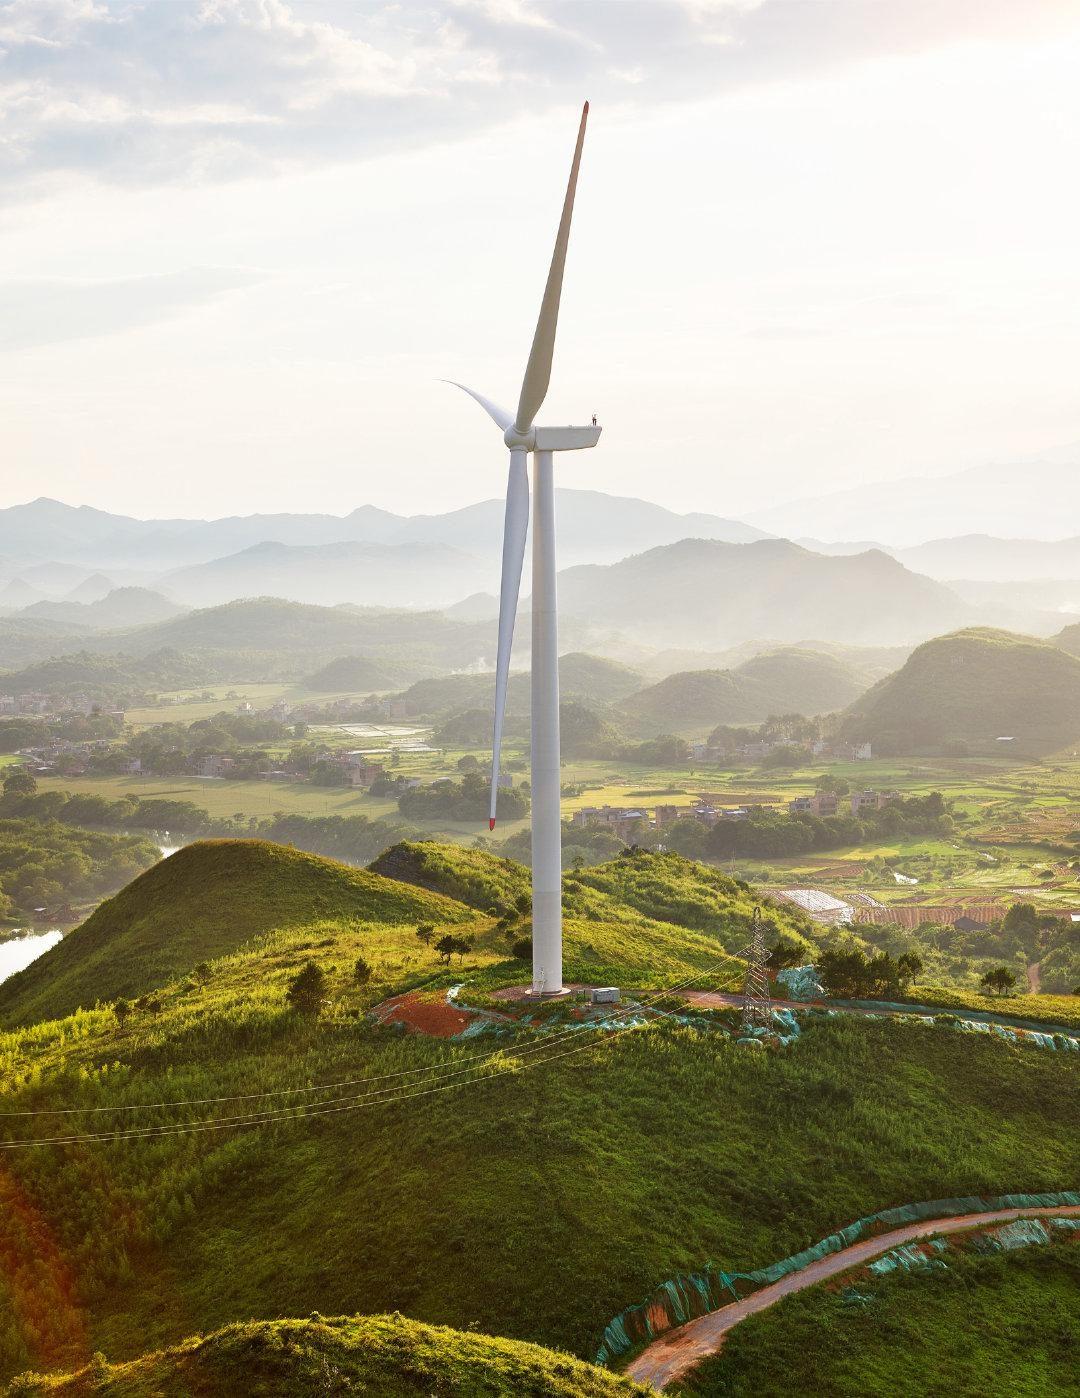 苹果成立的中国清洁能源基金投资三座风电场